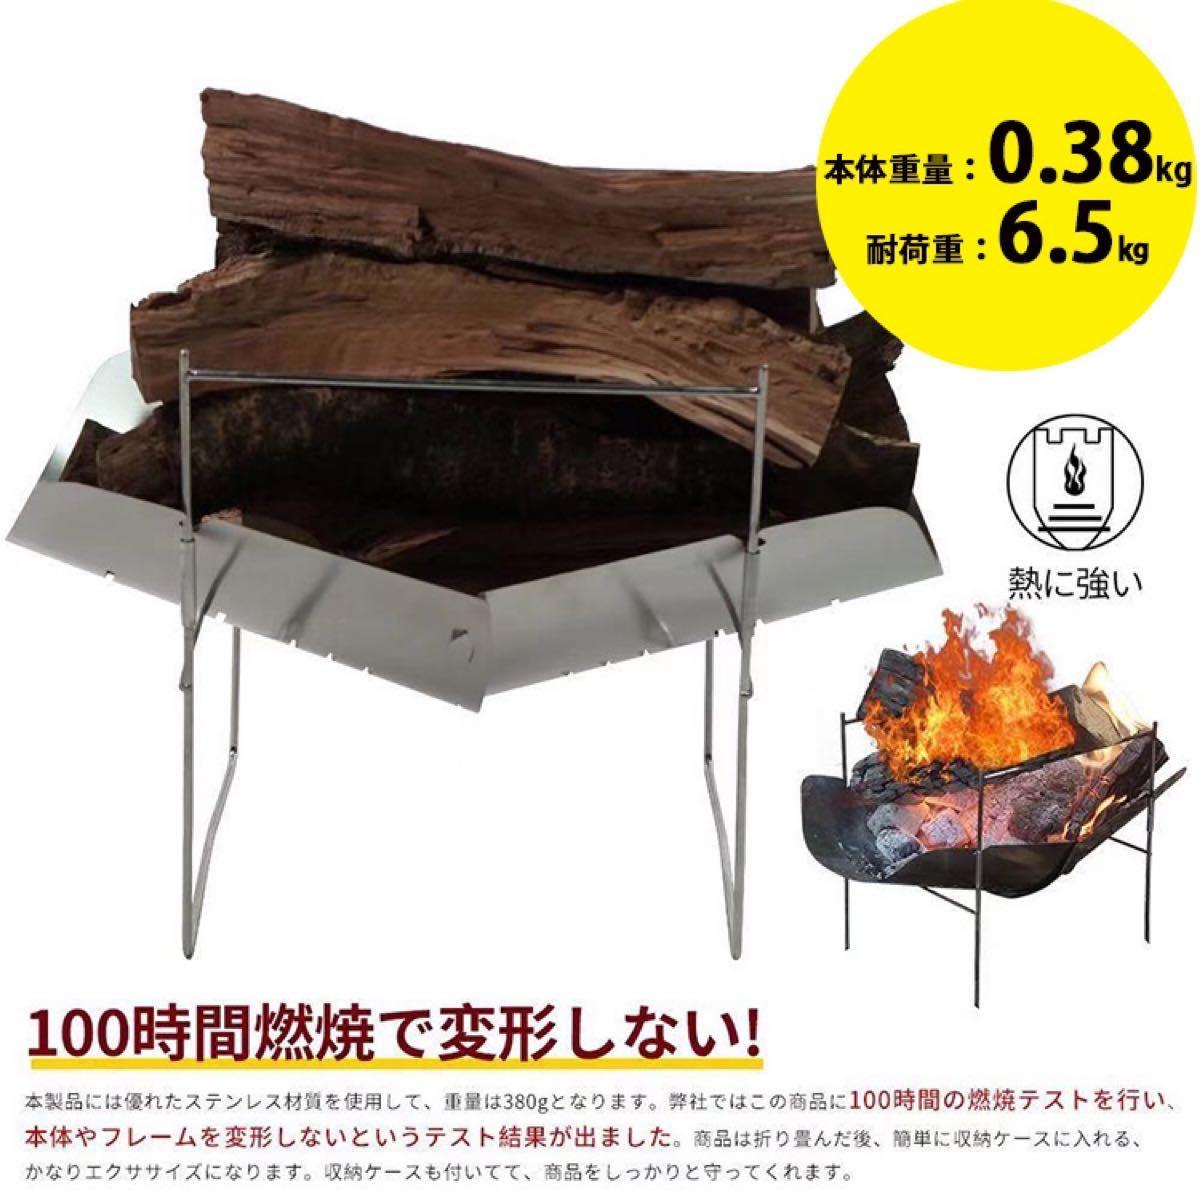 焚き火台 焚火台 バーベキューコンロ バーベキューグリル キャンプ用品ソロキャン